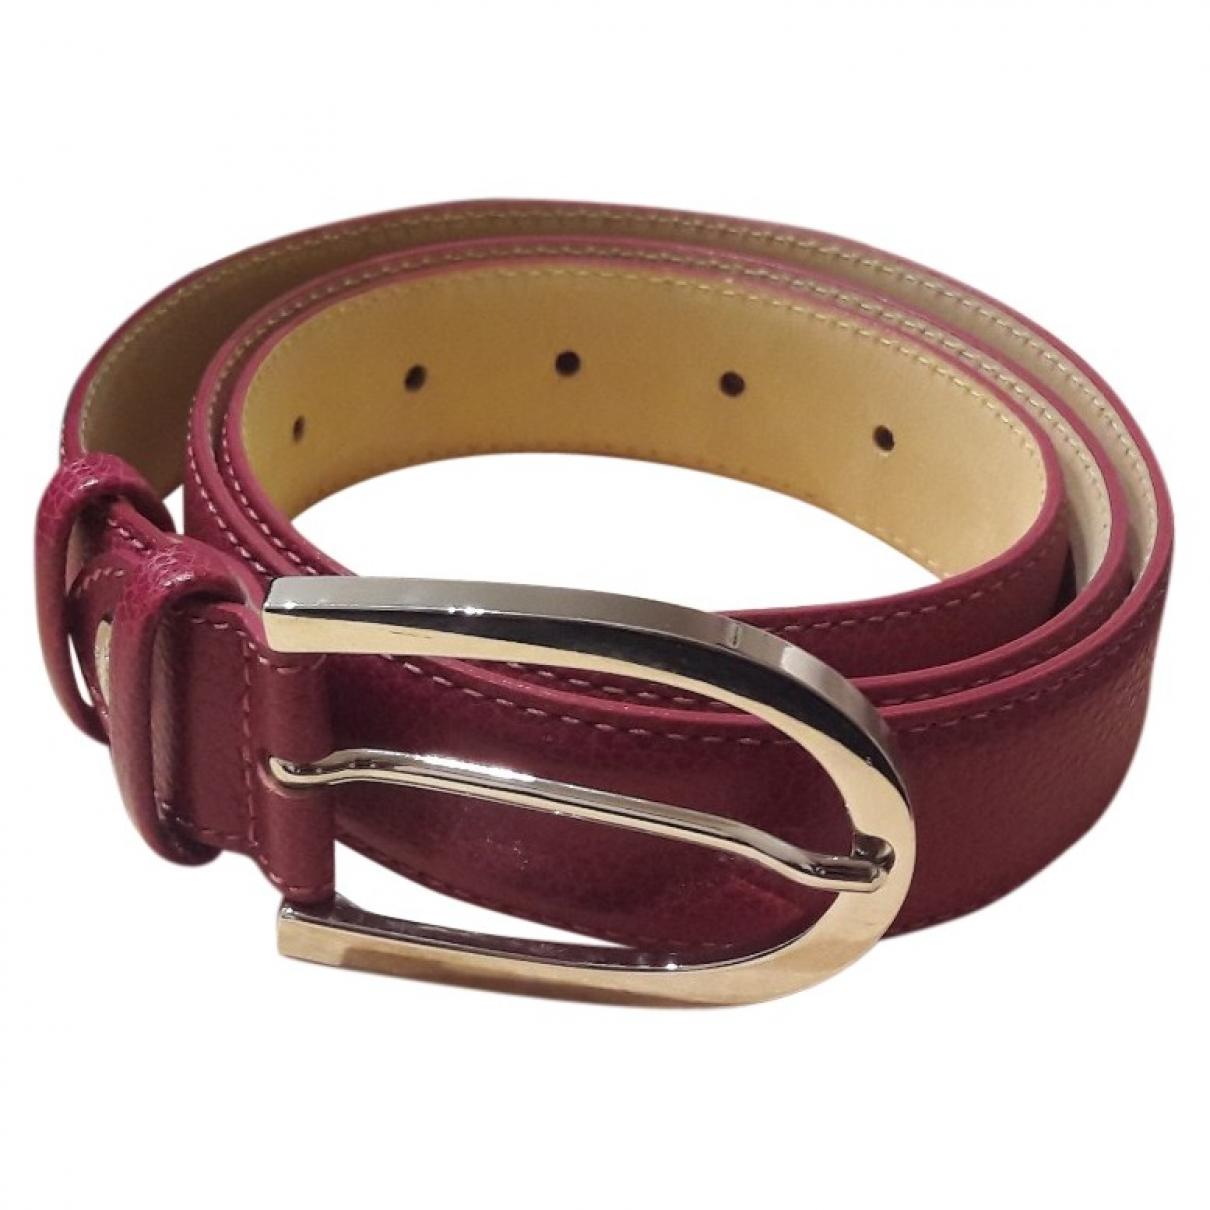 Longchamp \N Leather belt for Women 95 cm